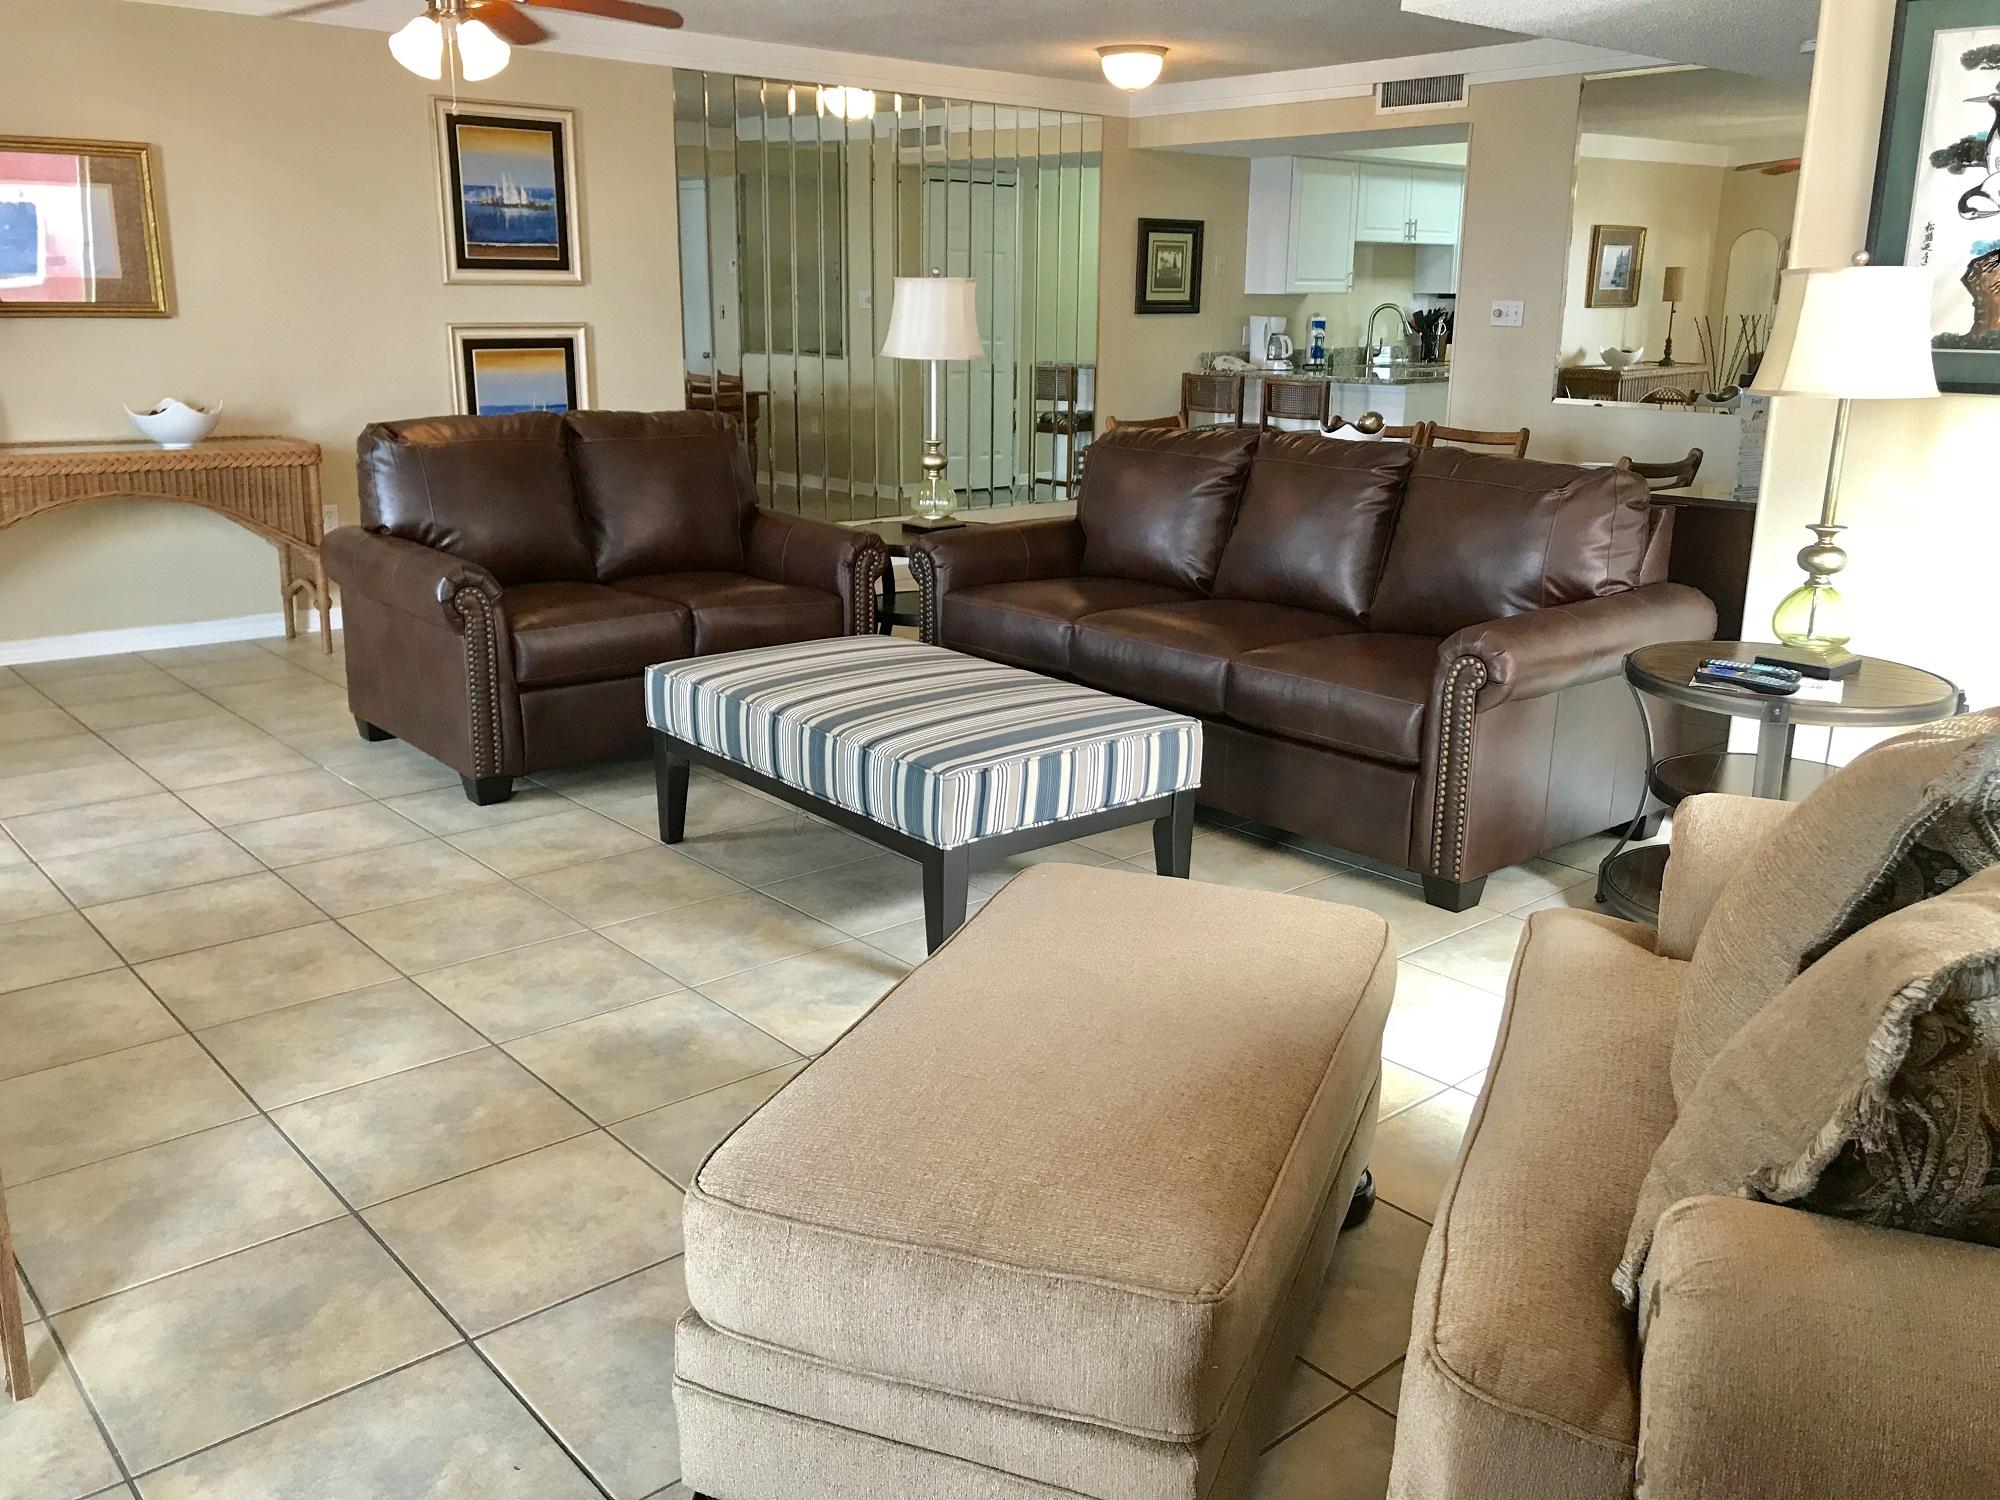 Ocean House 2701 Condo rental in Ocean House - Gulf Shores in Gulf Shores Alabama - #2